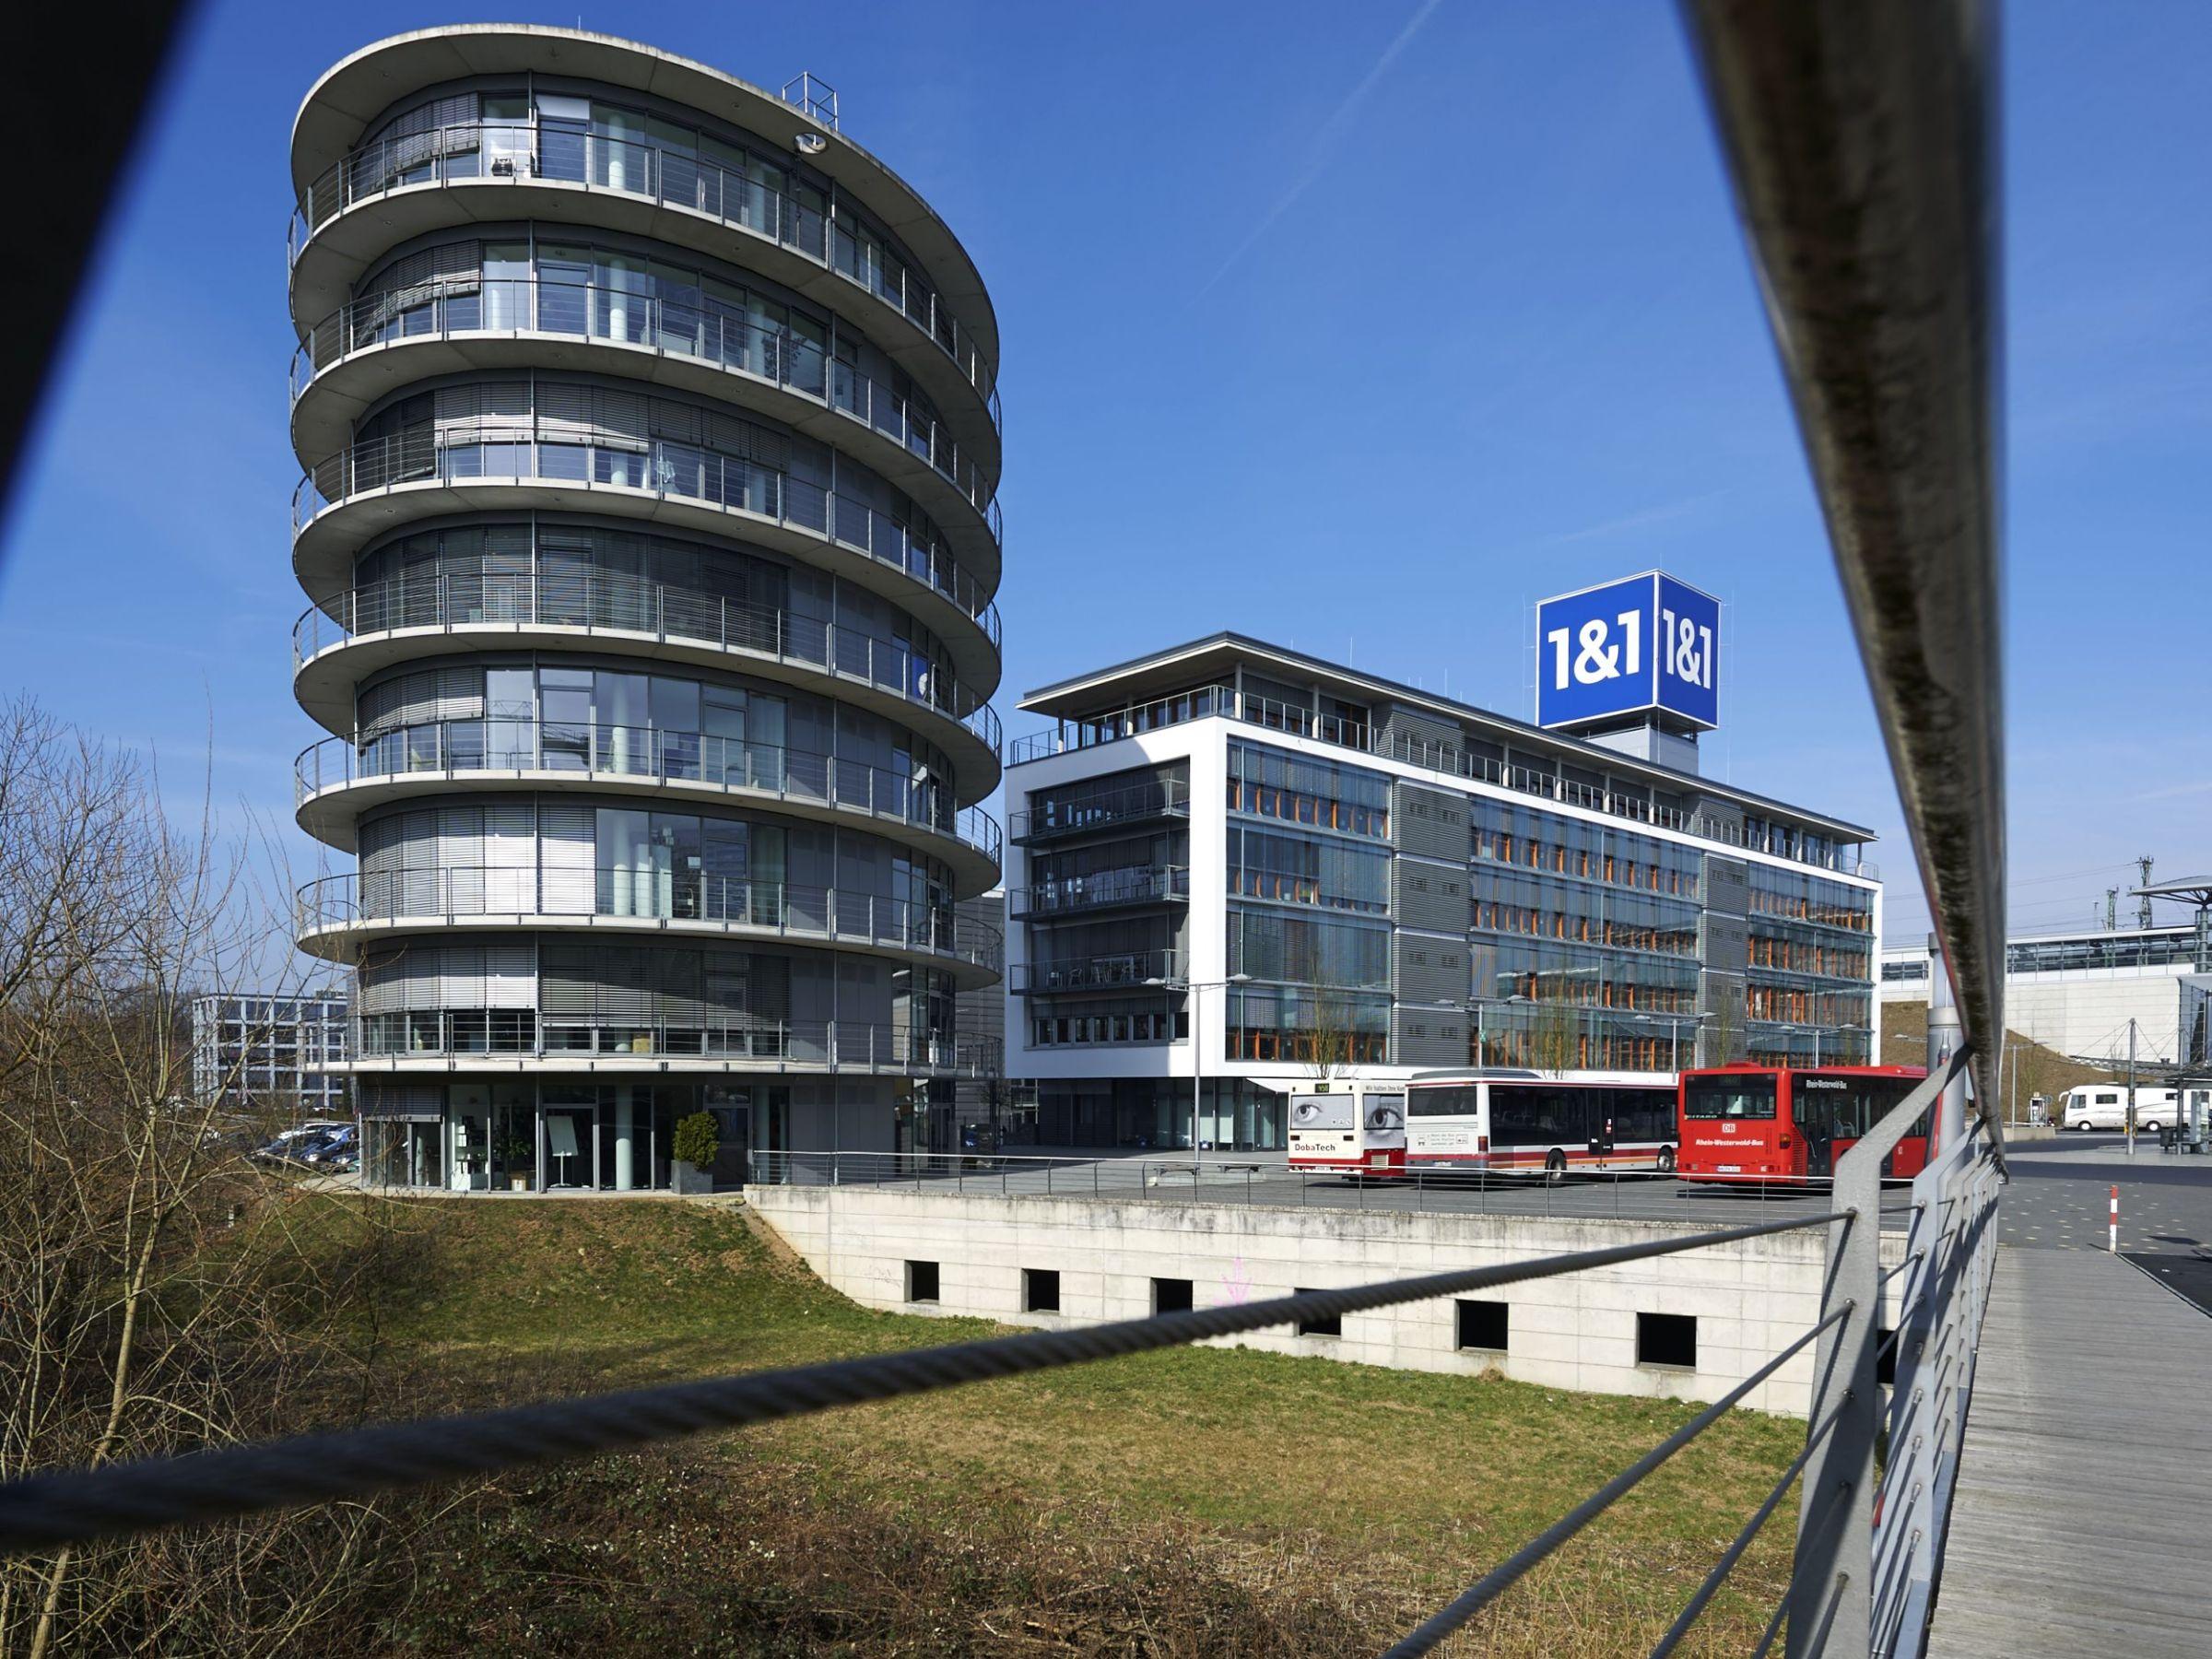 Konkurrenz für Telekom & Co: 1&1-Netz ist ein Ritt auf der Rasierklinge